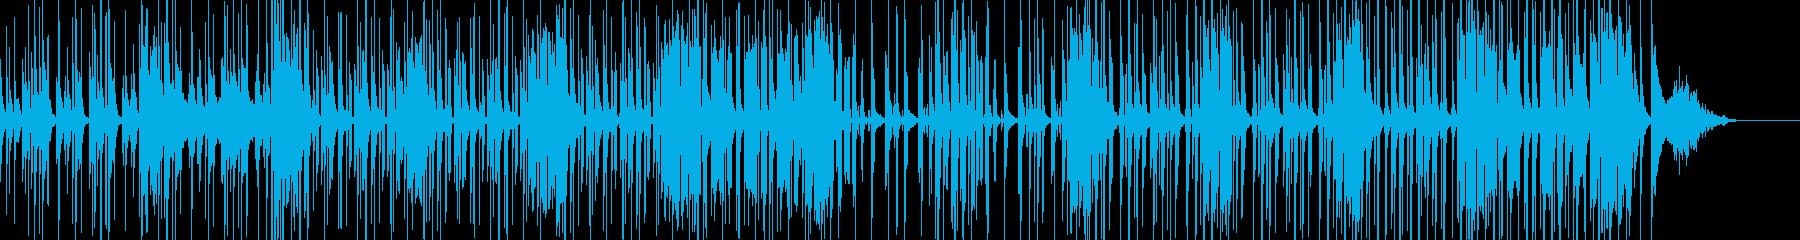 コメディやギャグに適したポップス ★の再生済みの波形